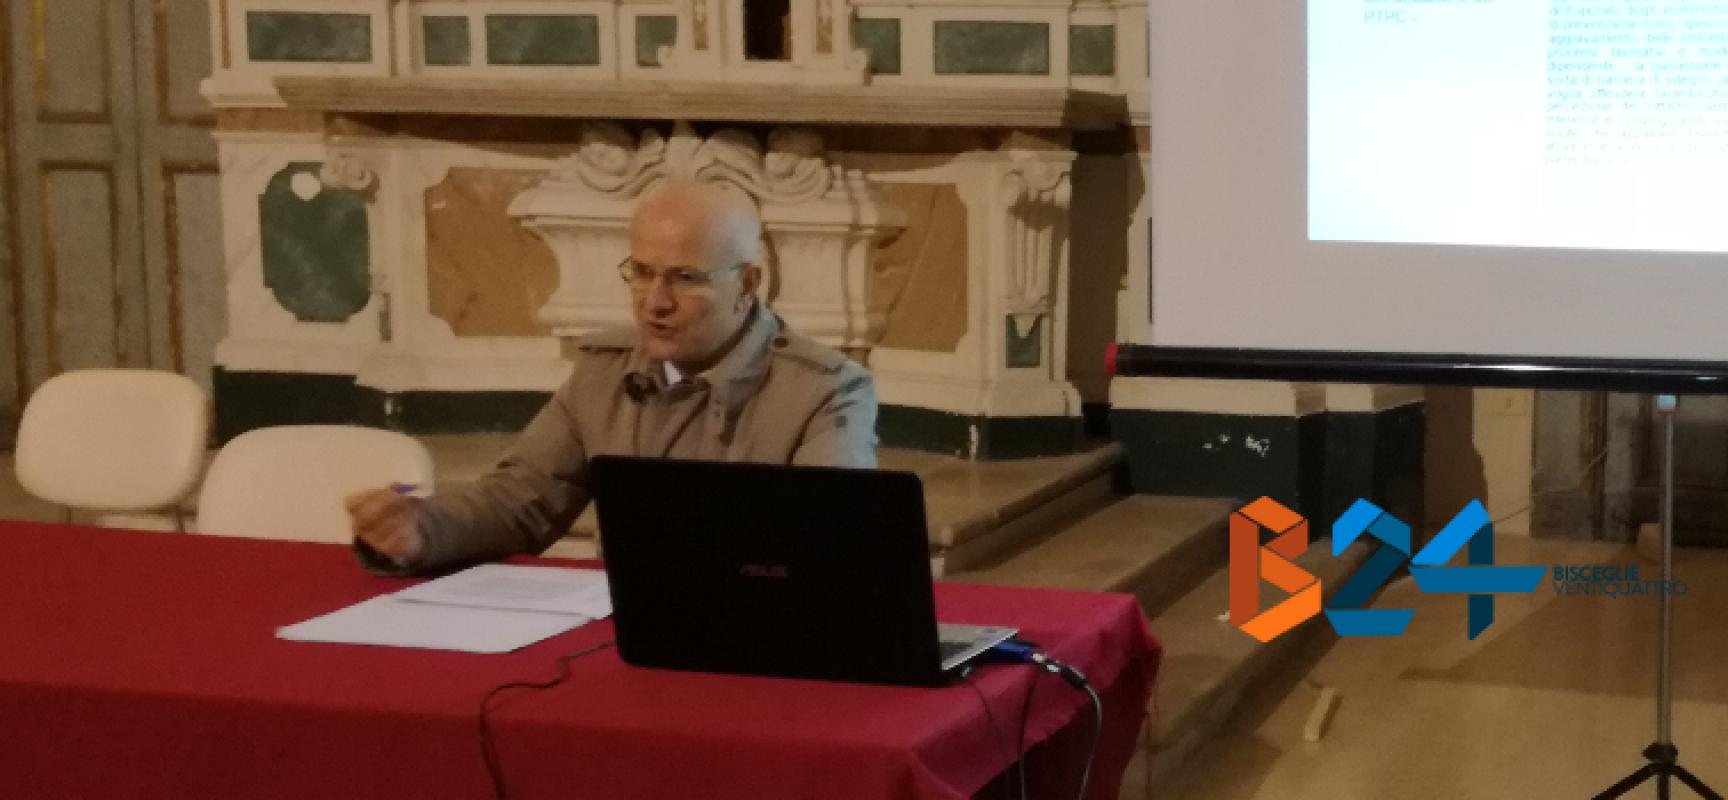 Giornata della trasparenza, pochi presenti a Santa Croce. Illustrato il nuovo accesso civico